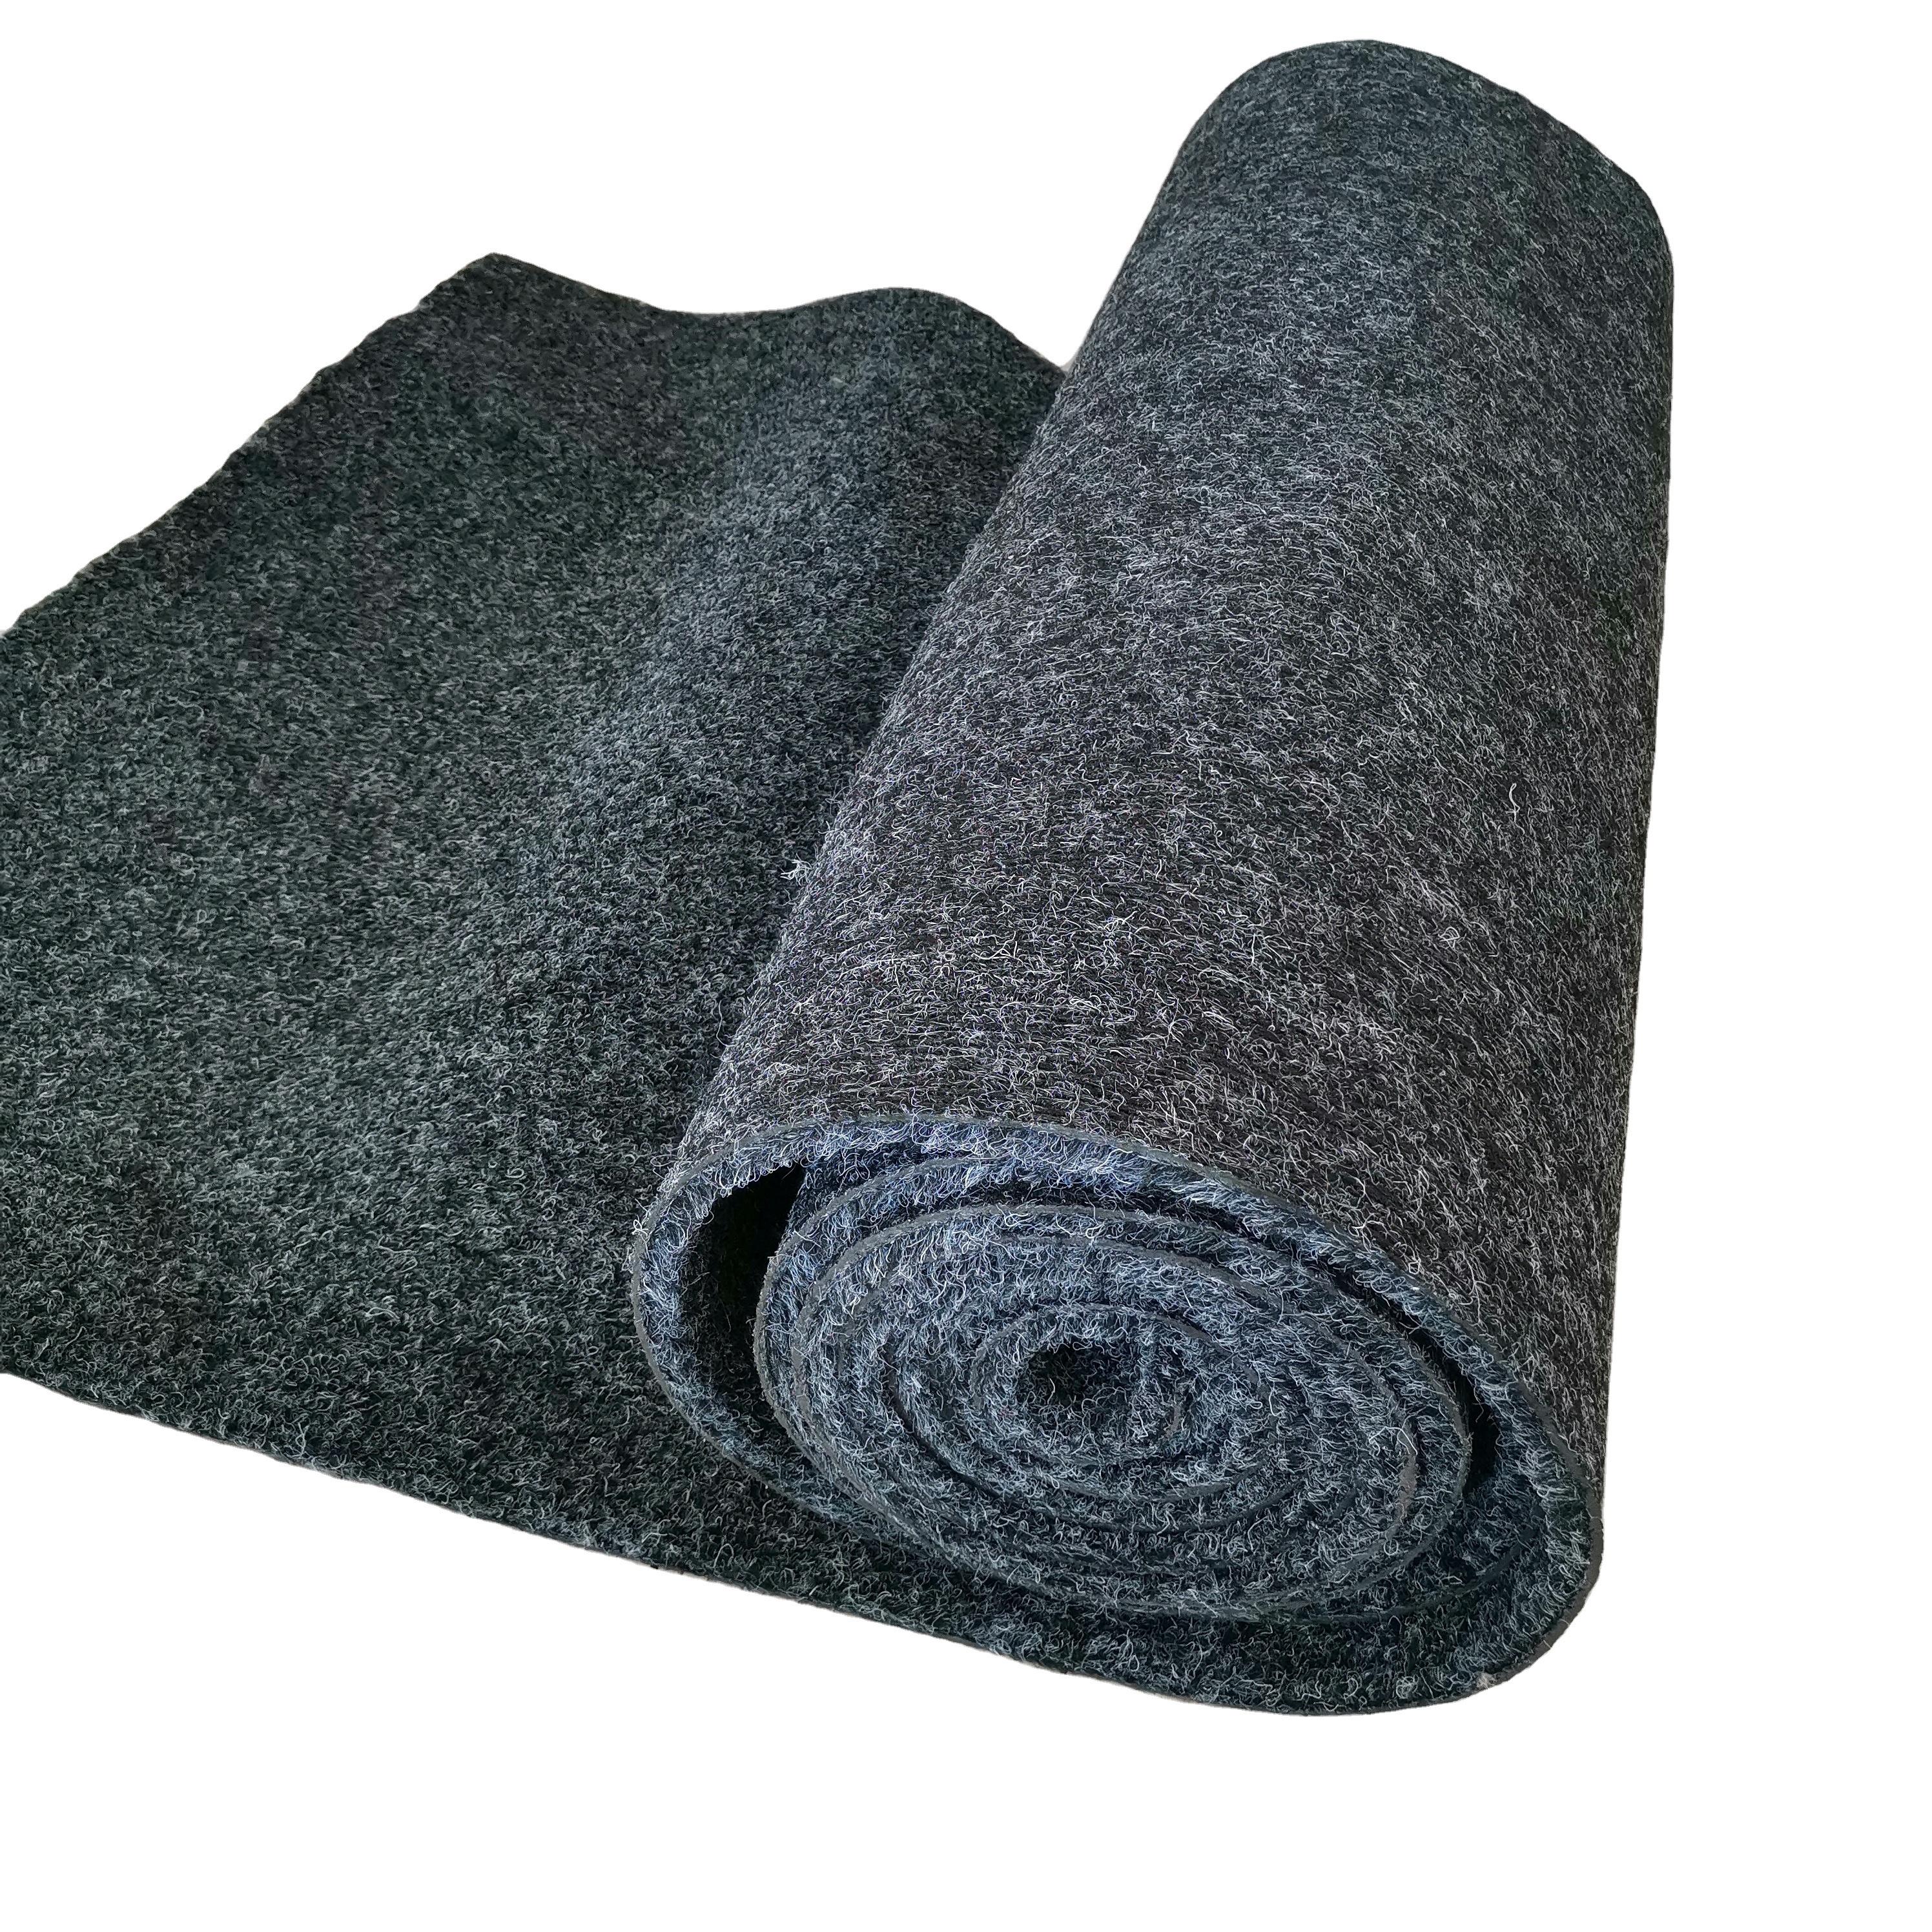 Encuentre el mejor fabricante de alfombras para mineria y